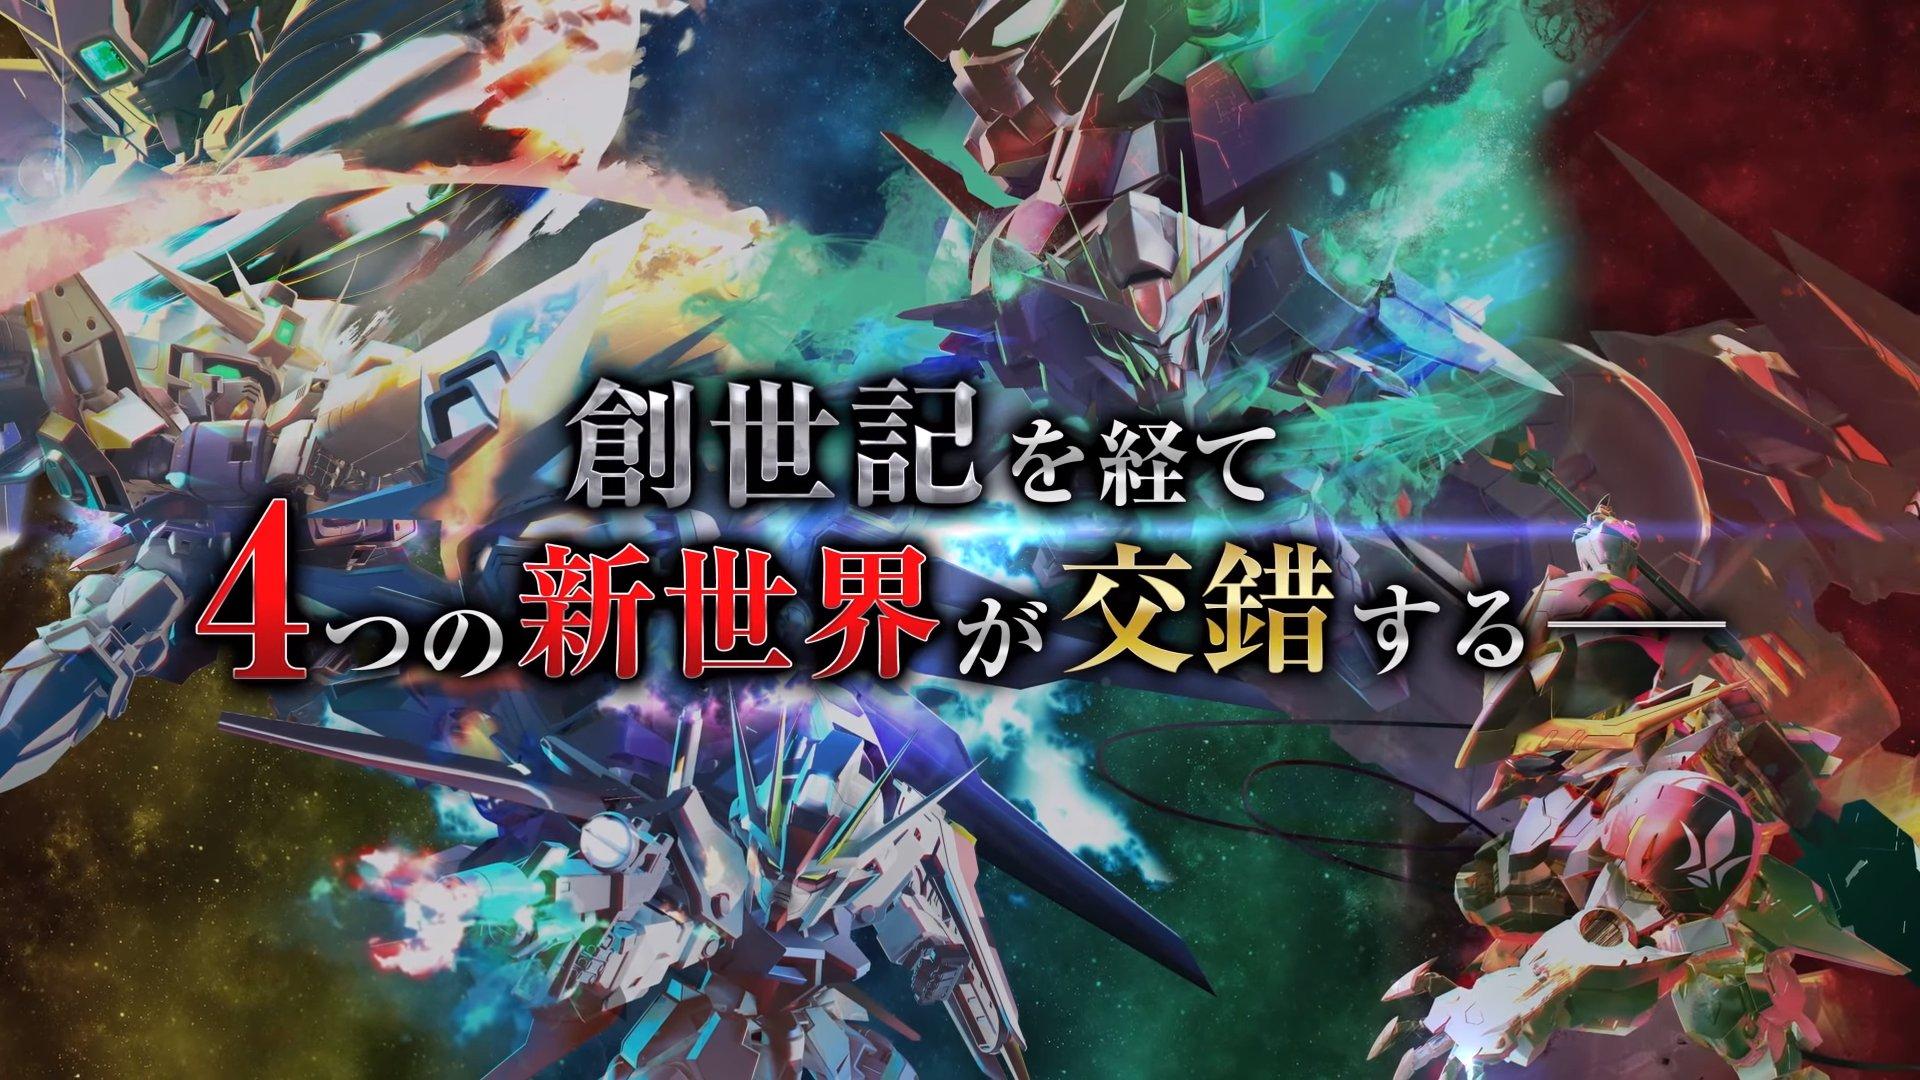 【台湾ソフト売上】1位『GジェネSwitch』 2位『GジェネPS4』 3位『ポケモン剣盾』